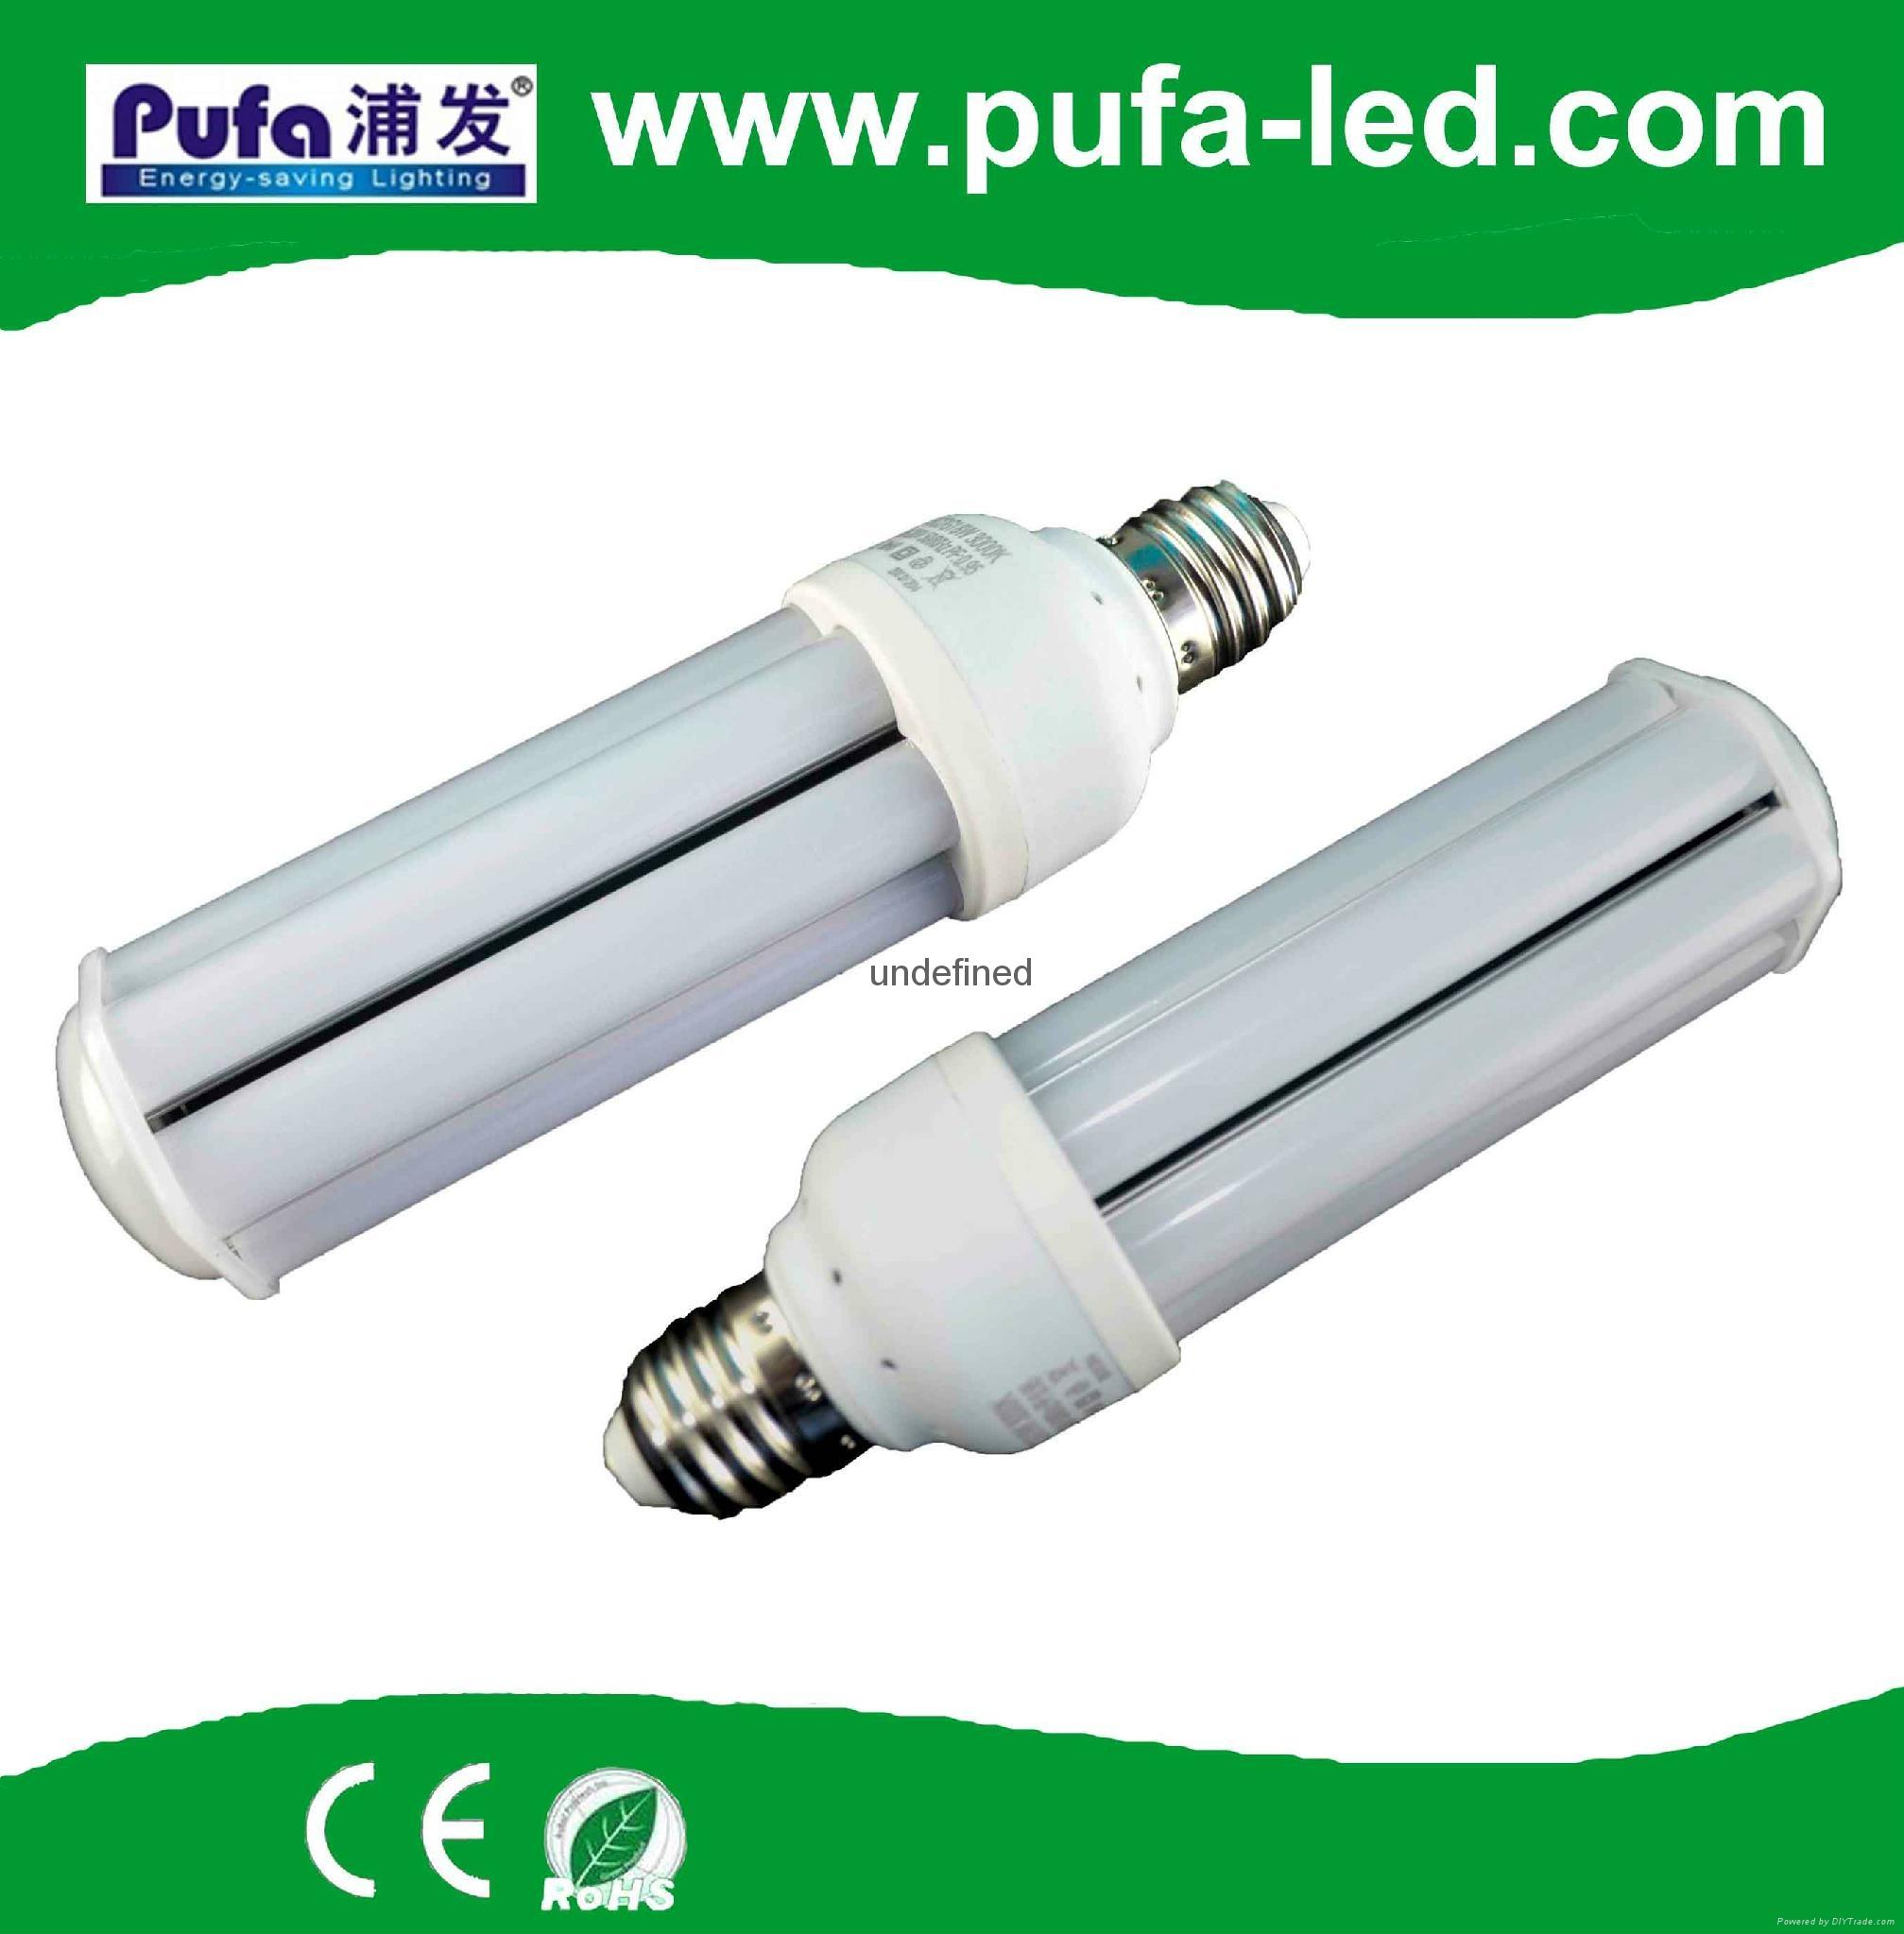 B22 E27玉米燈30w 1